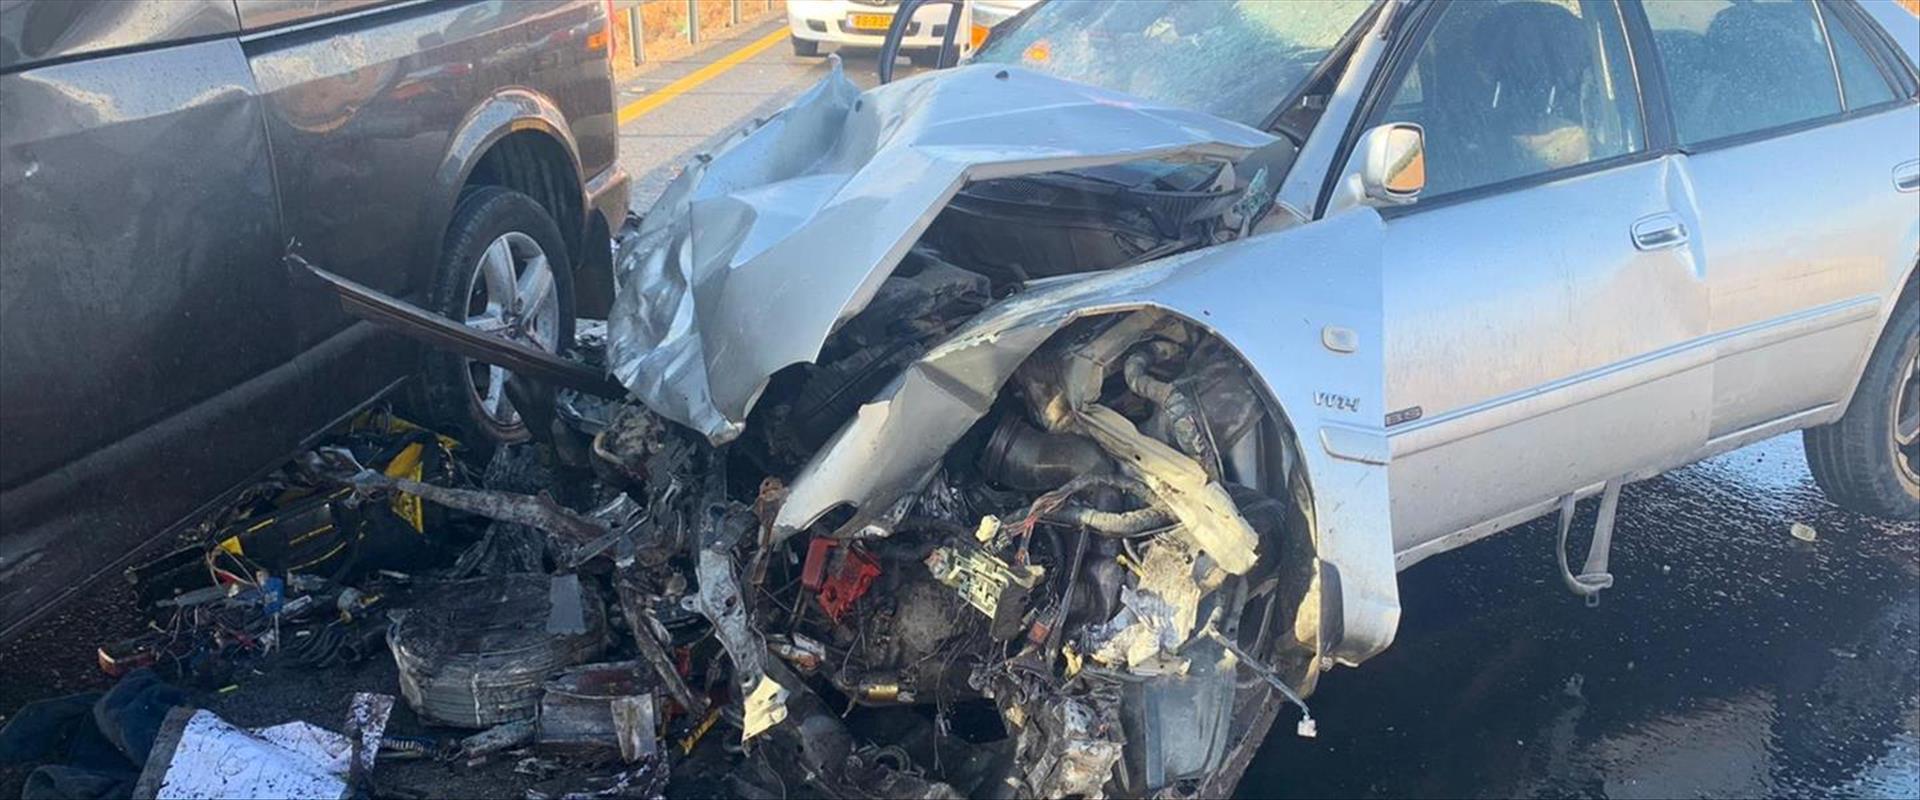 זירת התאונה בכביש 767, הבוקר